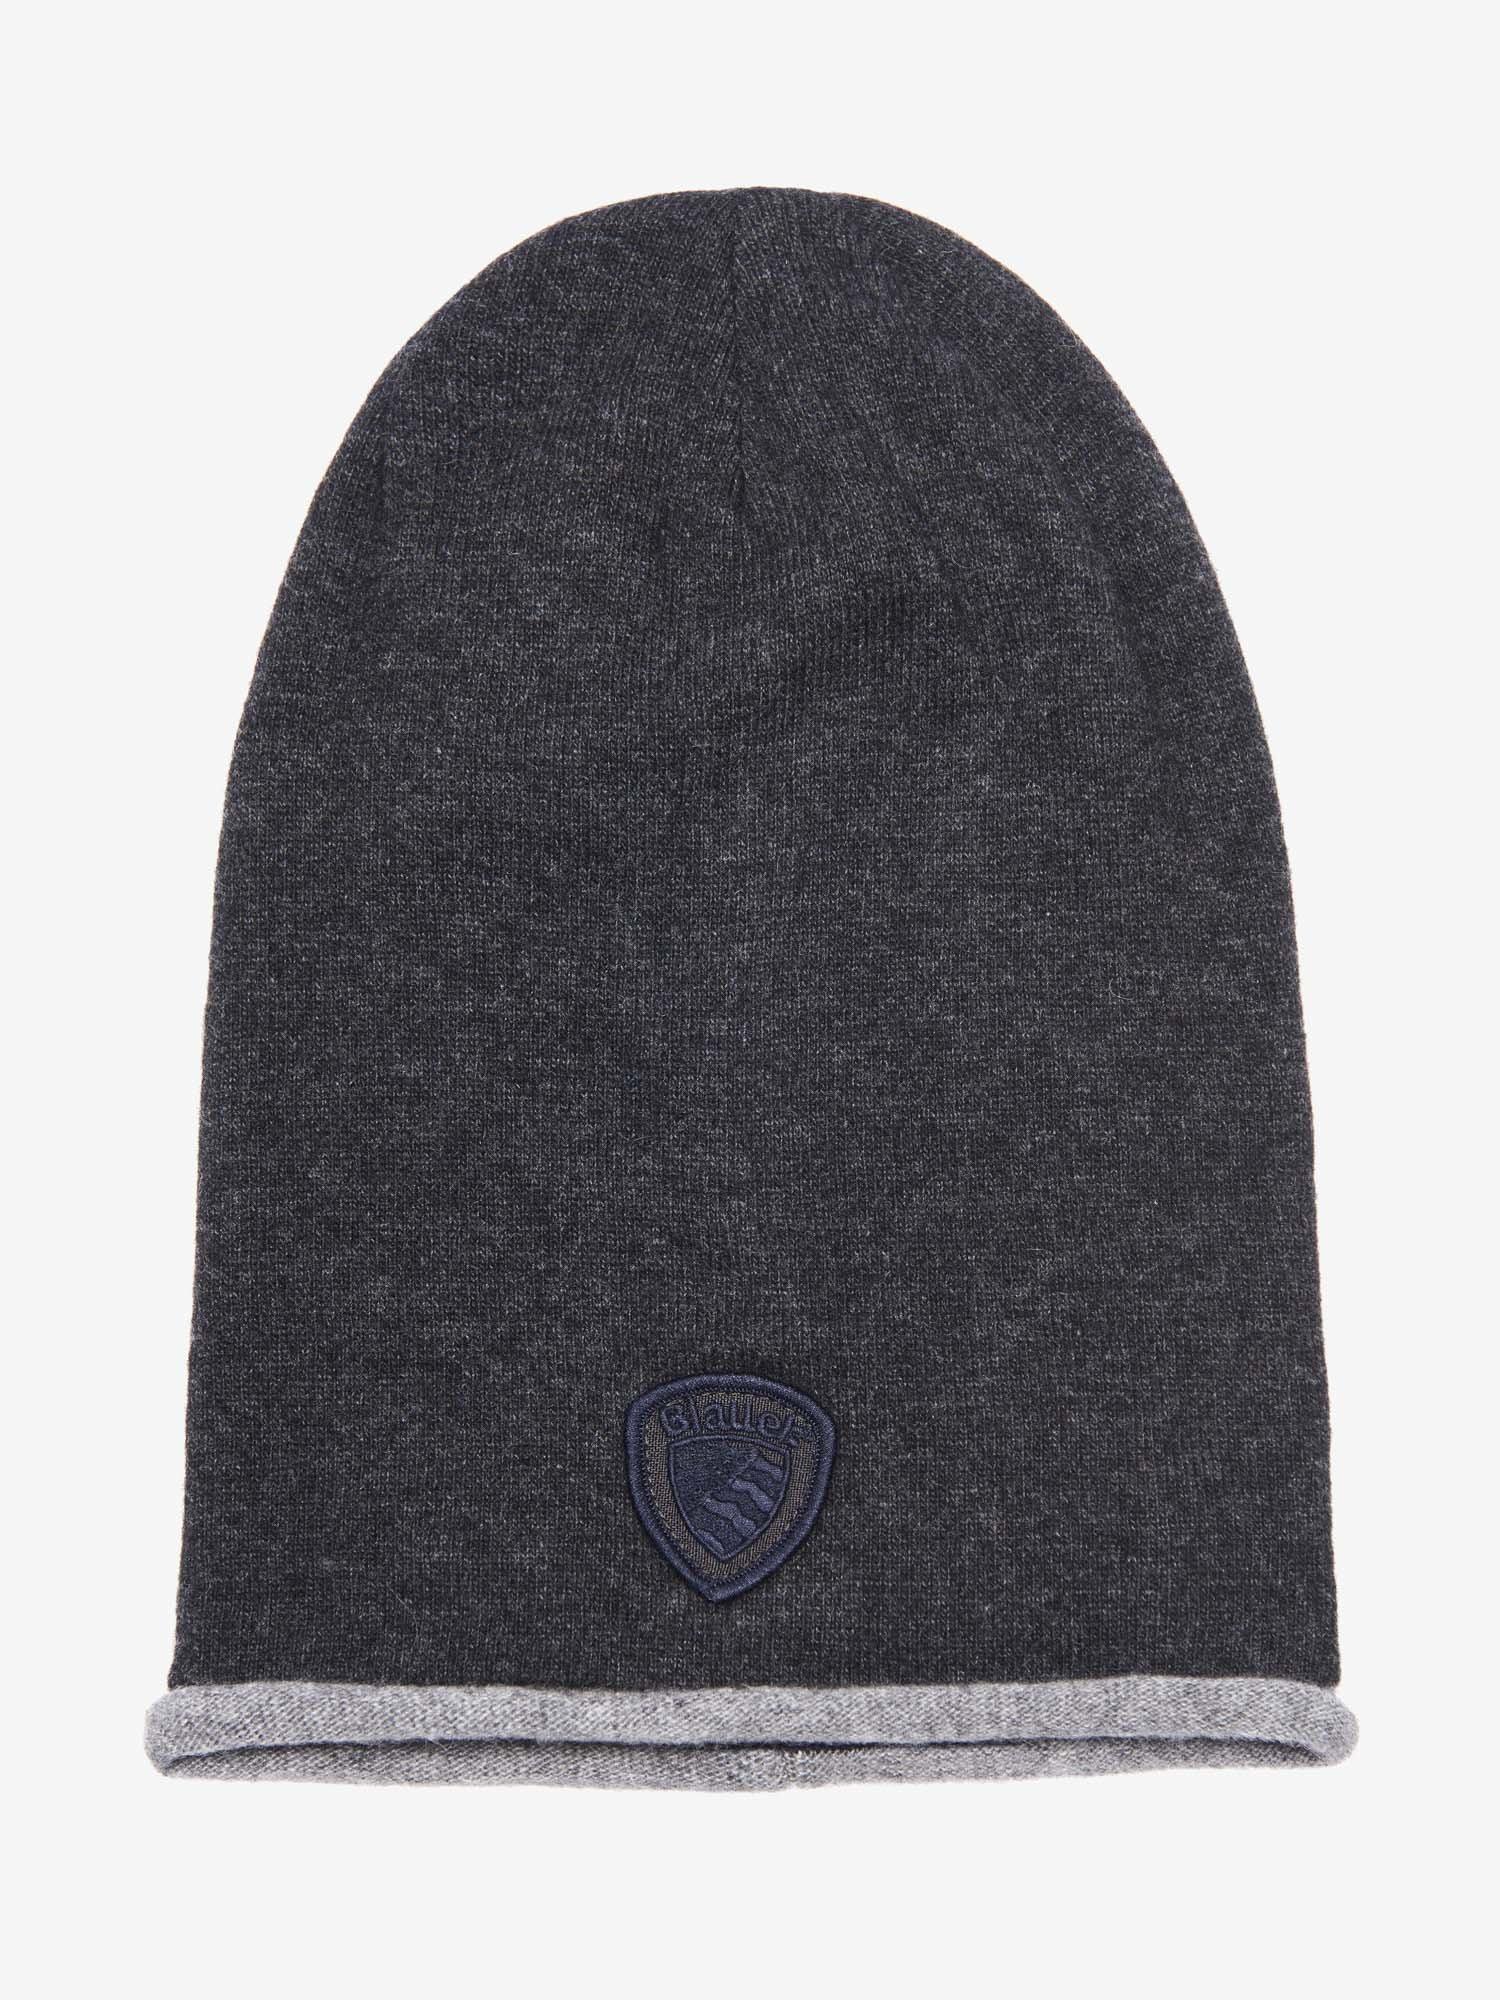 Blauer - TOQUE CAP - Antracite Melange - Blauer